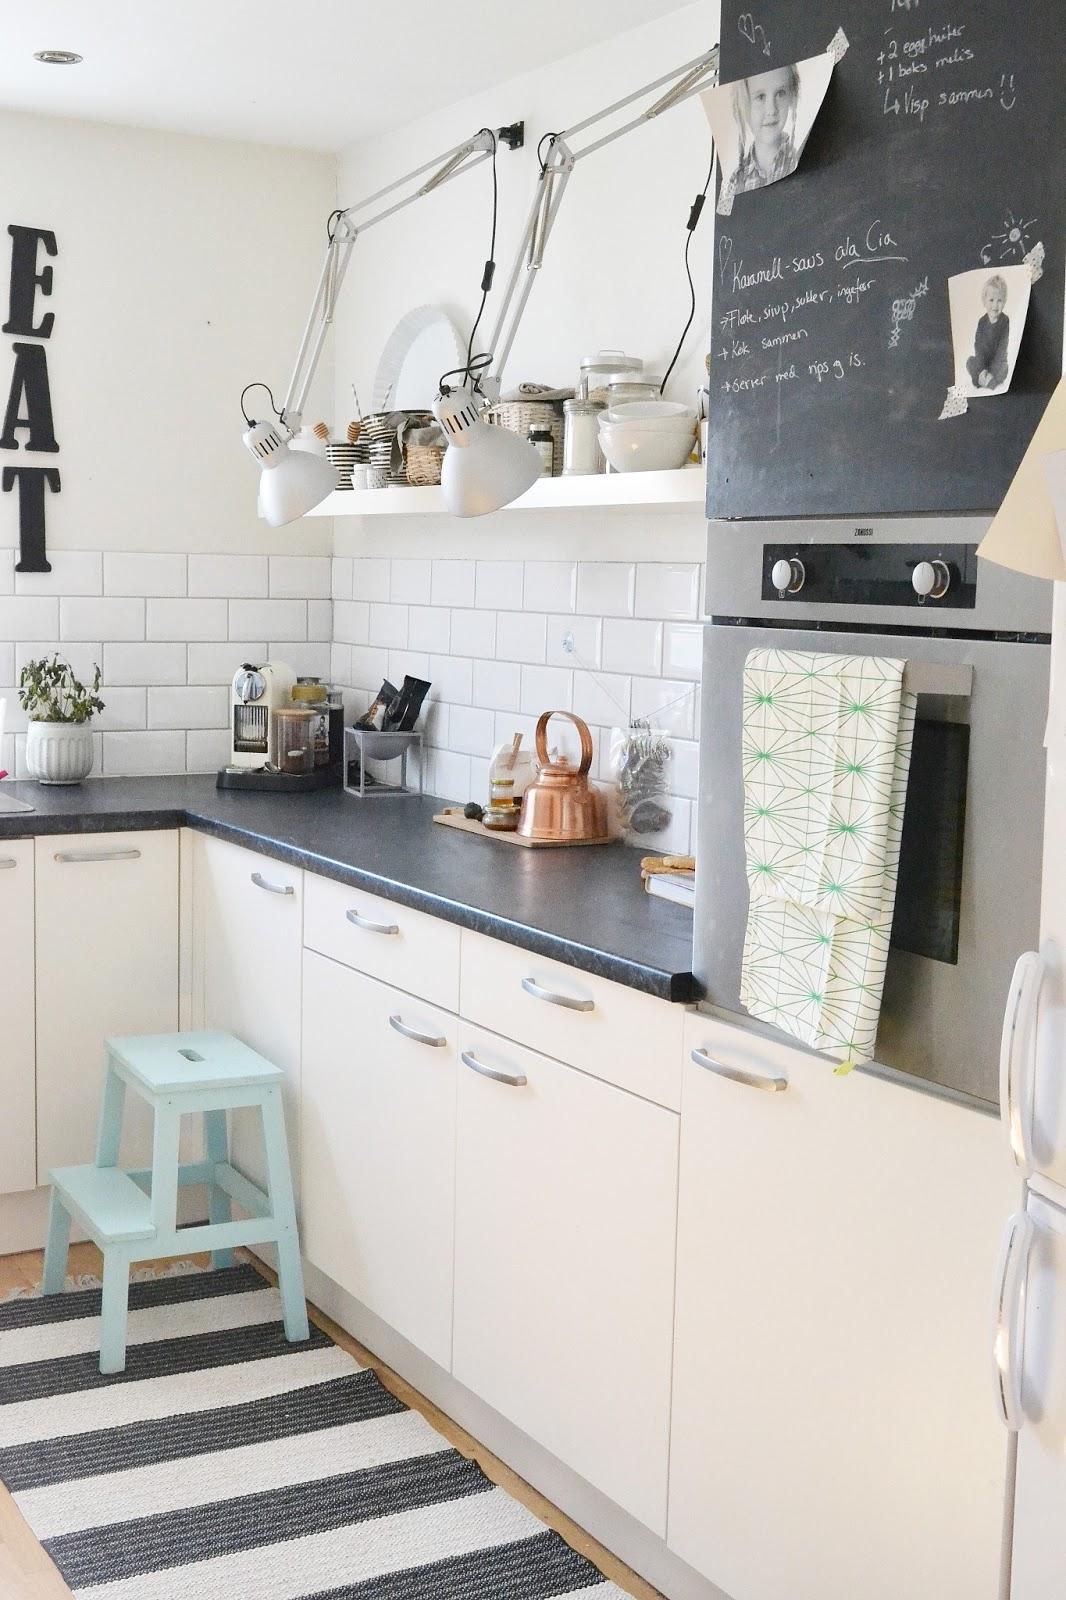 decoracion espacios pequeños repisas, uso de repisas